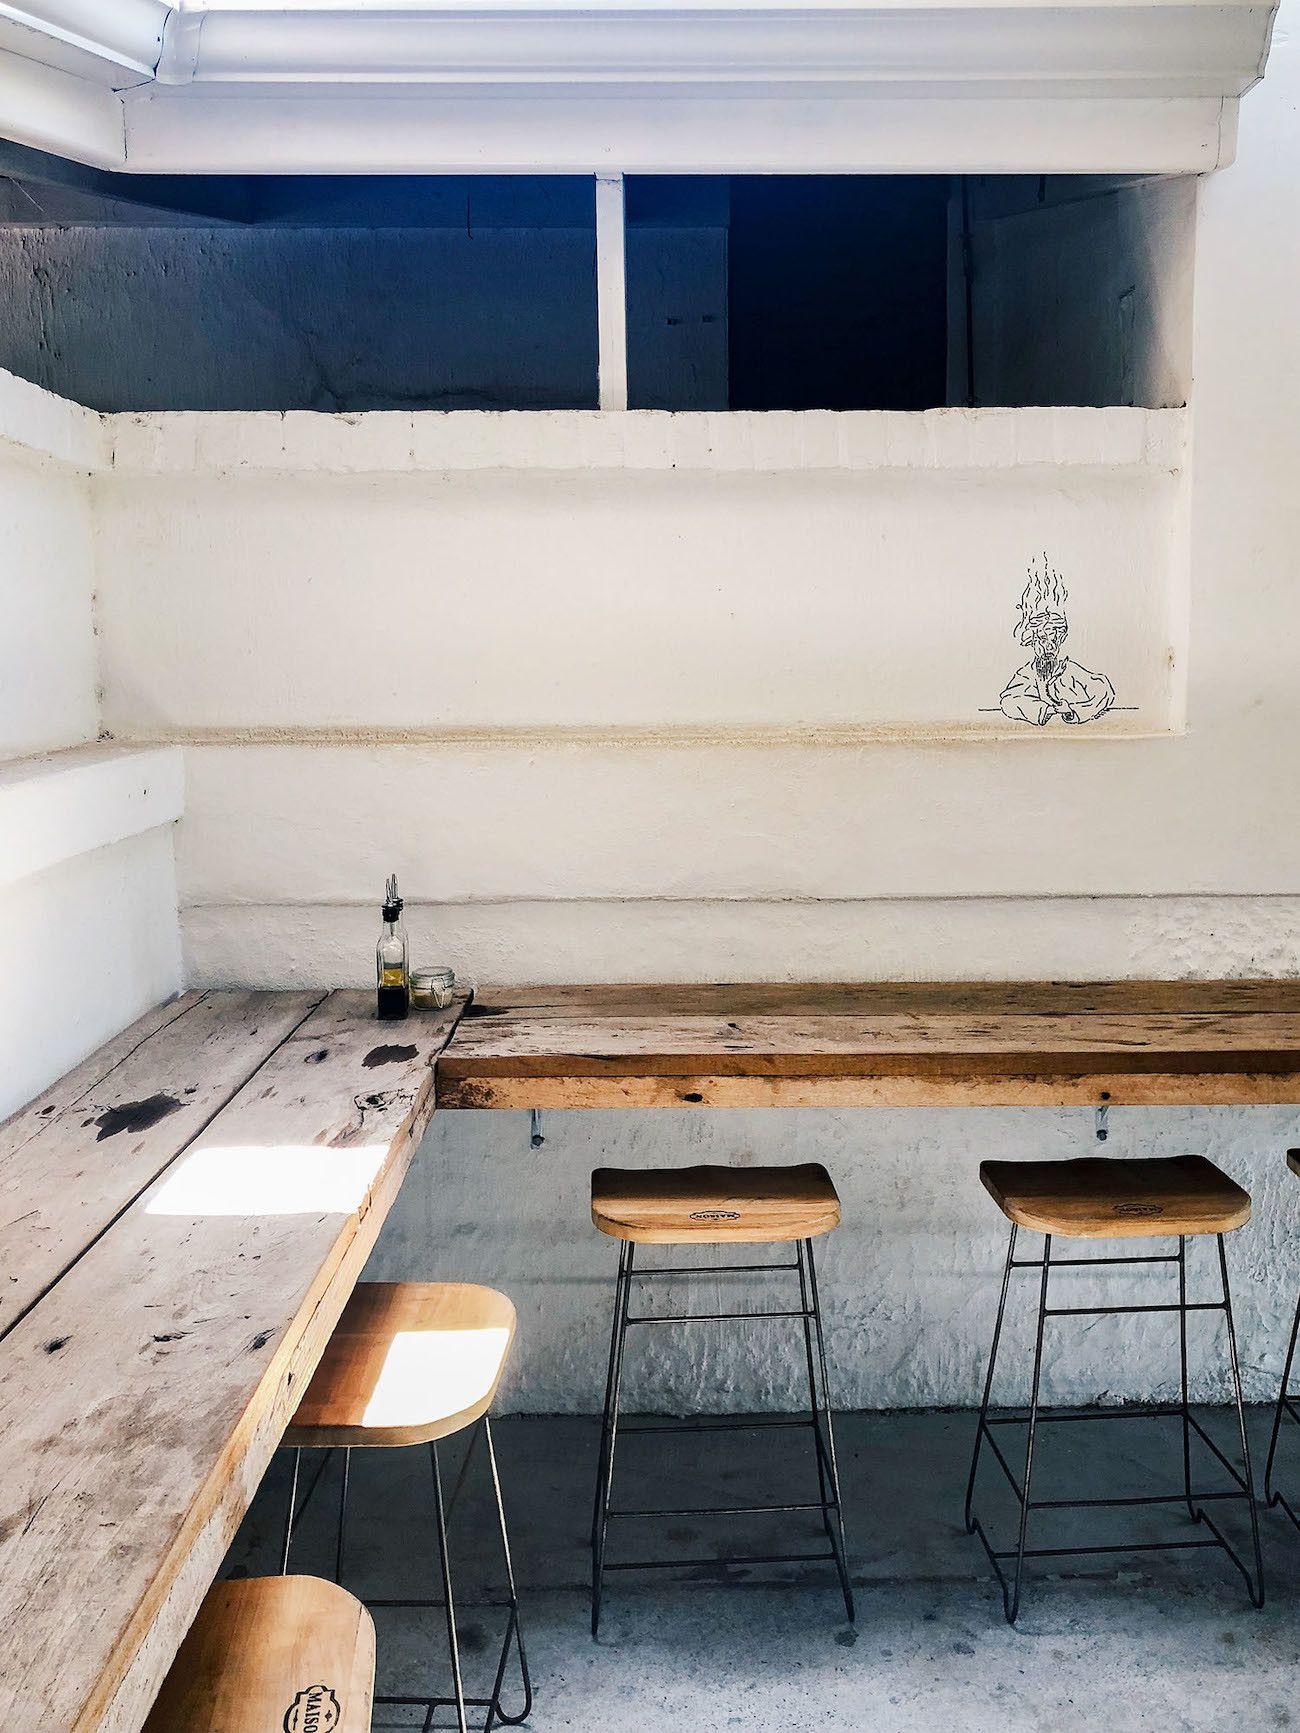 Frühstücks-und-Brunch-Guide-für-Kapstadt-The-Strangers-Club-Hocker-Interieur.